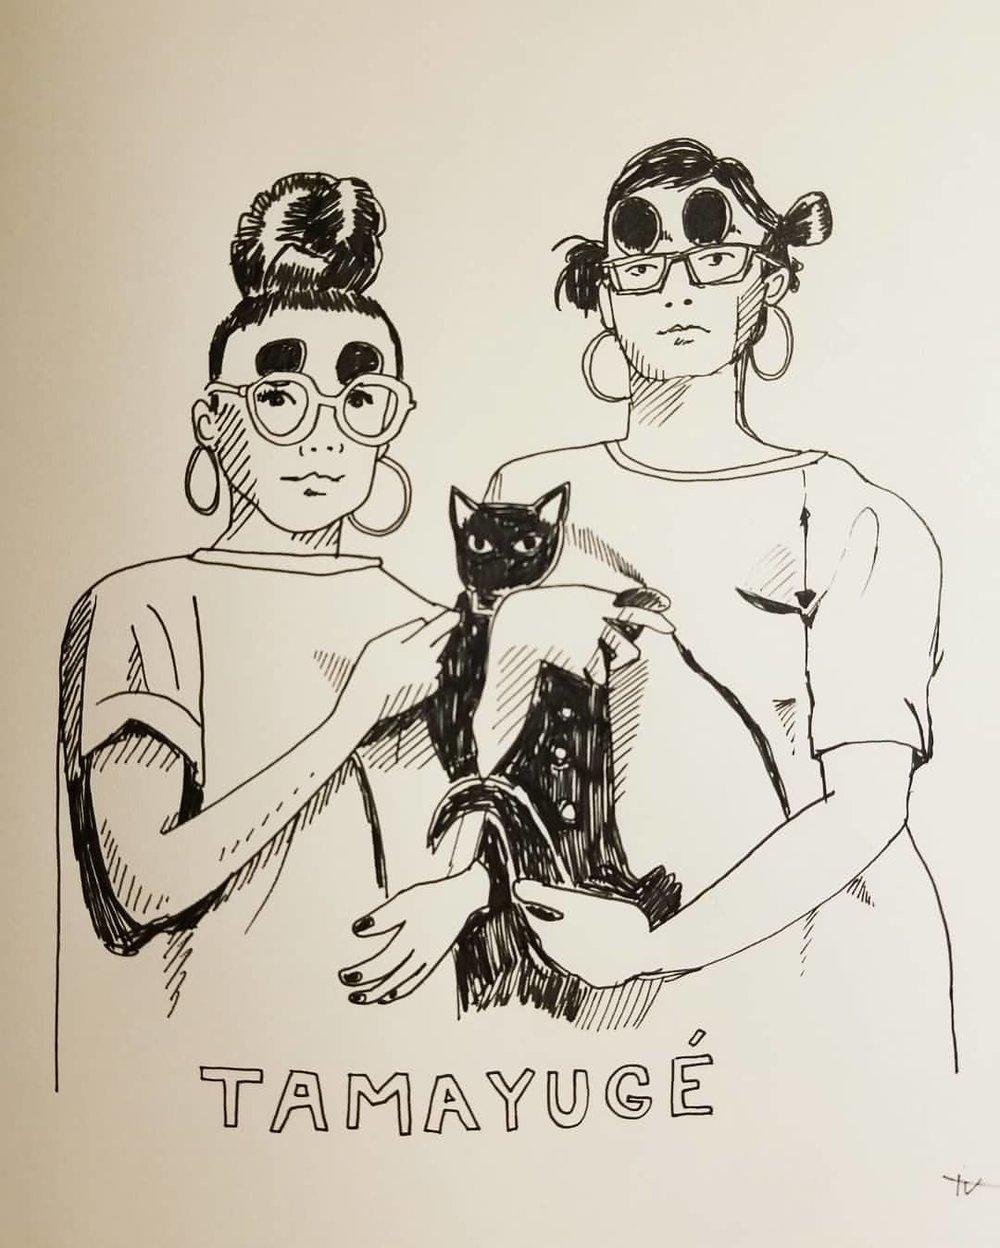 Tamayugé